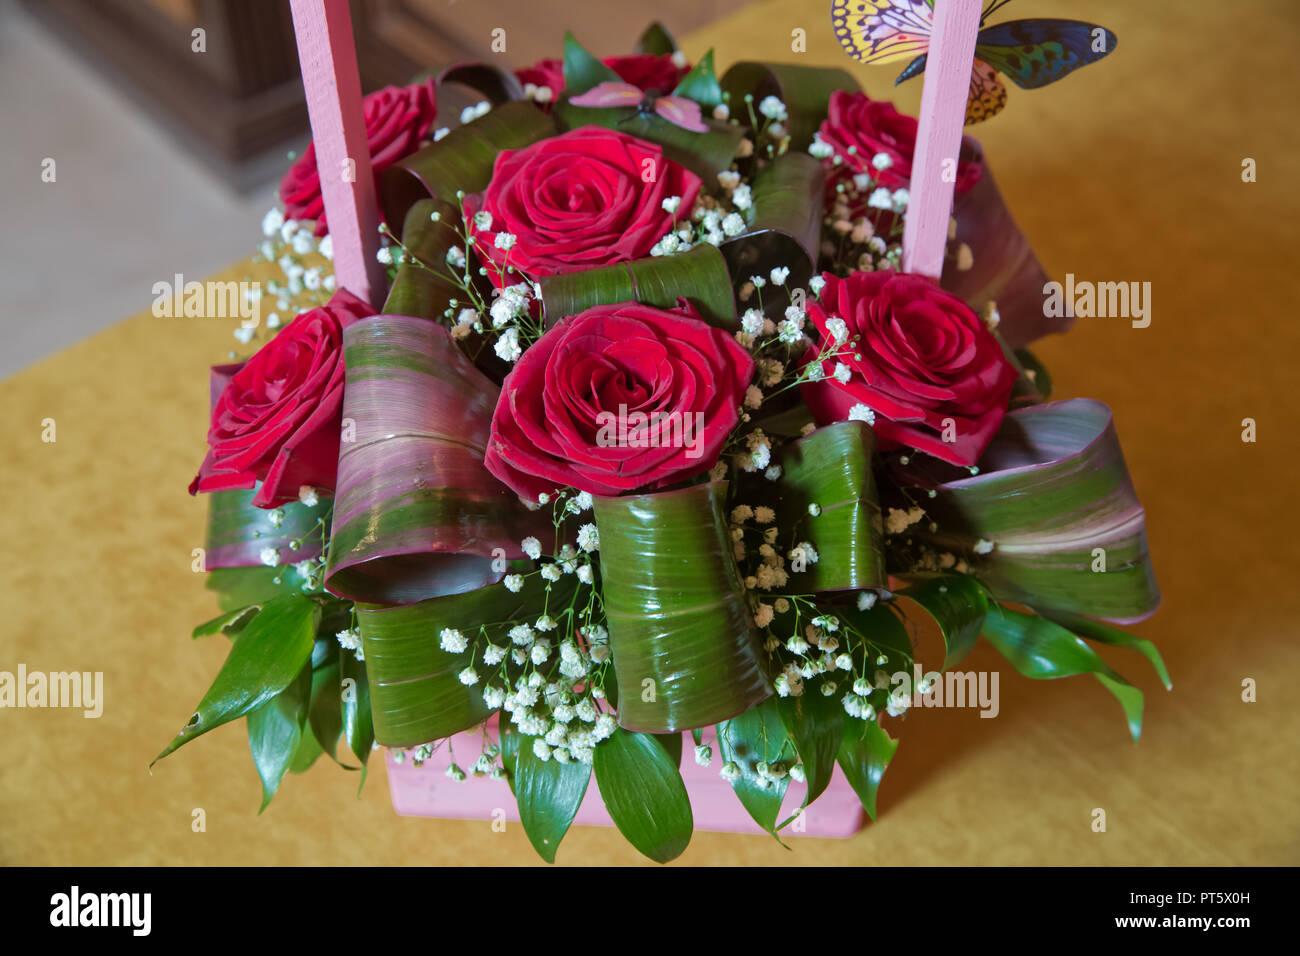 Magnifique Bouquet De Roses Rouges Close Up Beau Bouquet De Fleurs